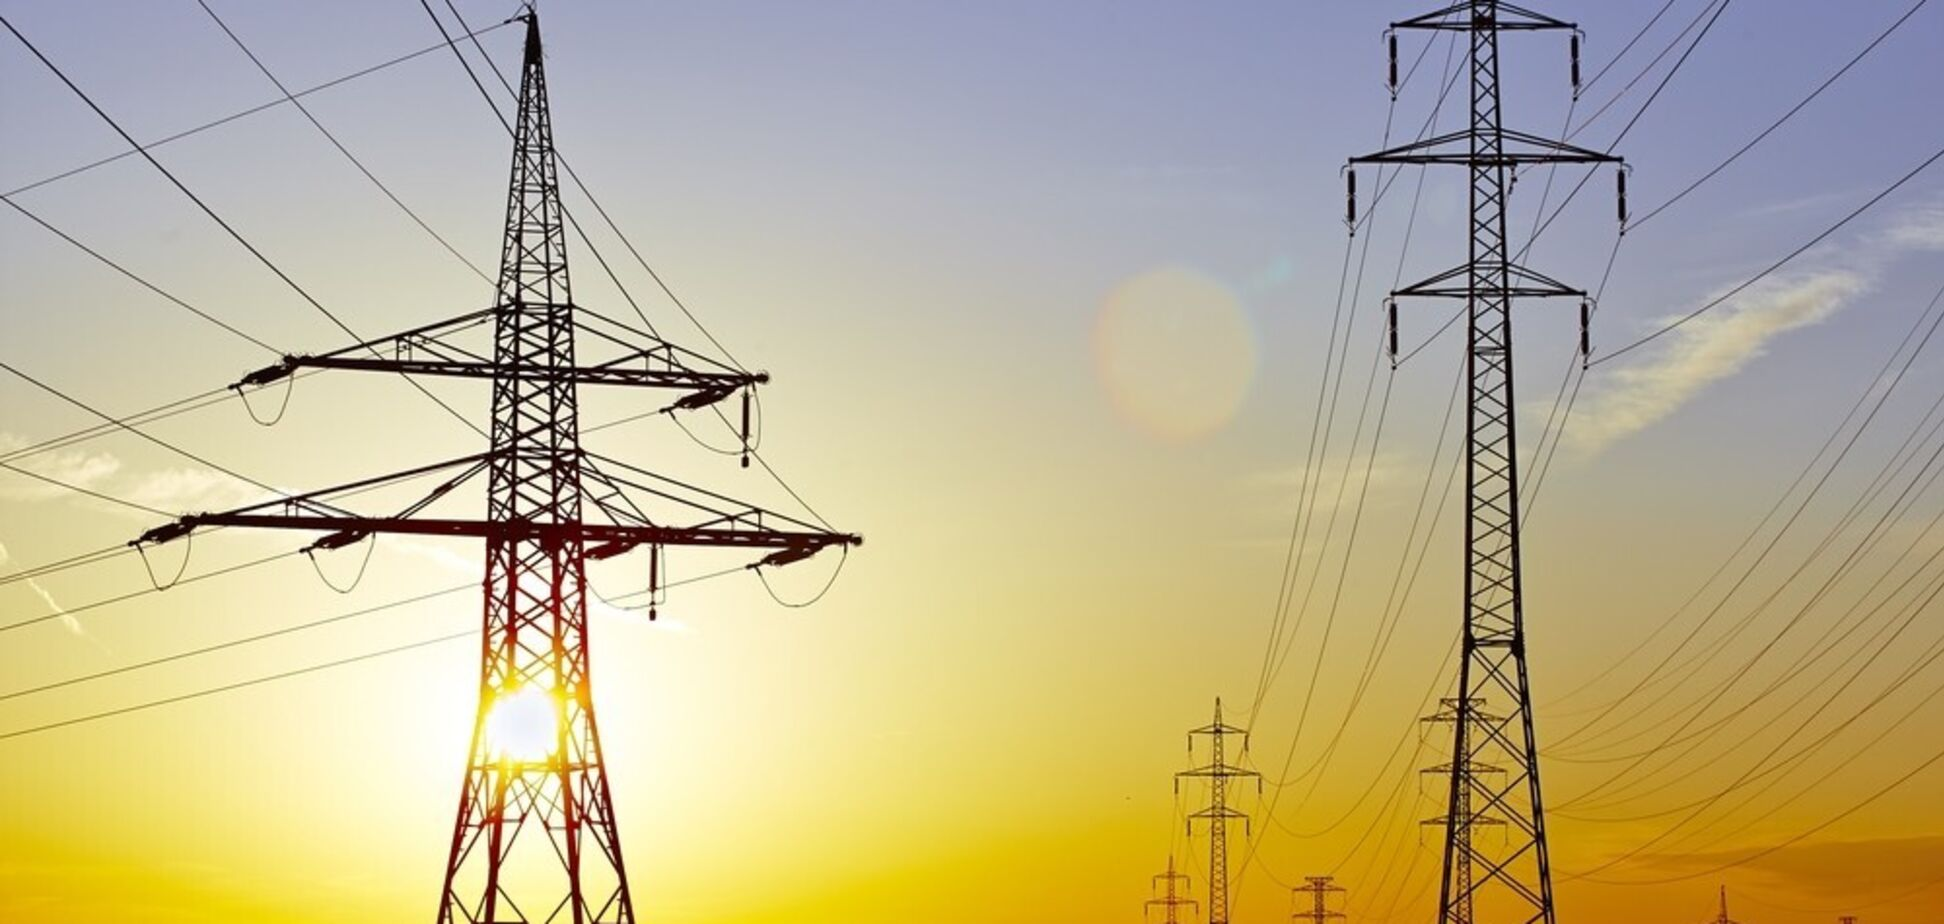 Украина уже бы имела веерные отключения электроэнергии при отсутствии импорта из Беларуси и РФ, – Притыка